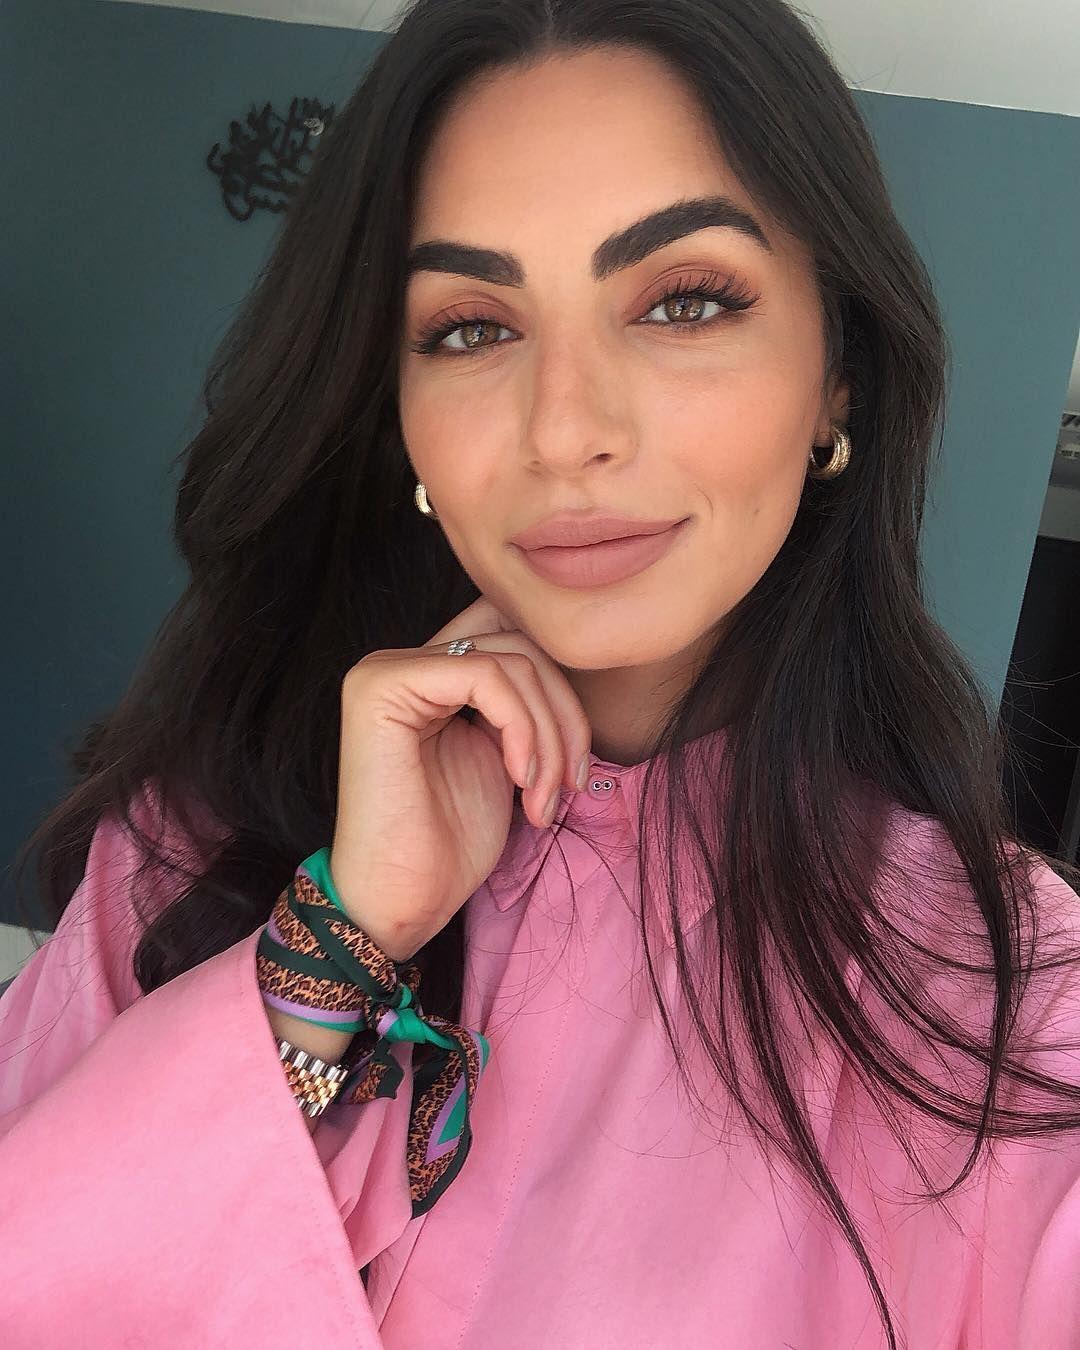 Instagram Post By Basma Hamze بسمة حمزة Feb 5 2019 At 6 46pm Utc Natural Makeup Looks Makeup Looks Natural Makeup